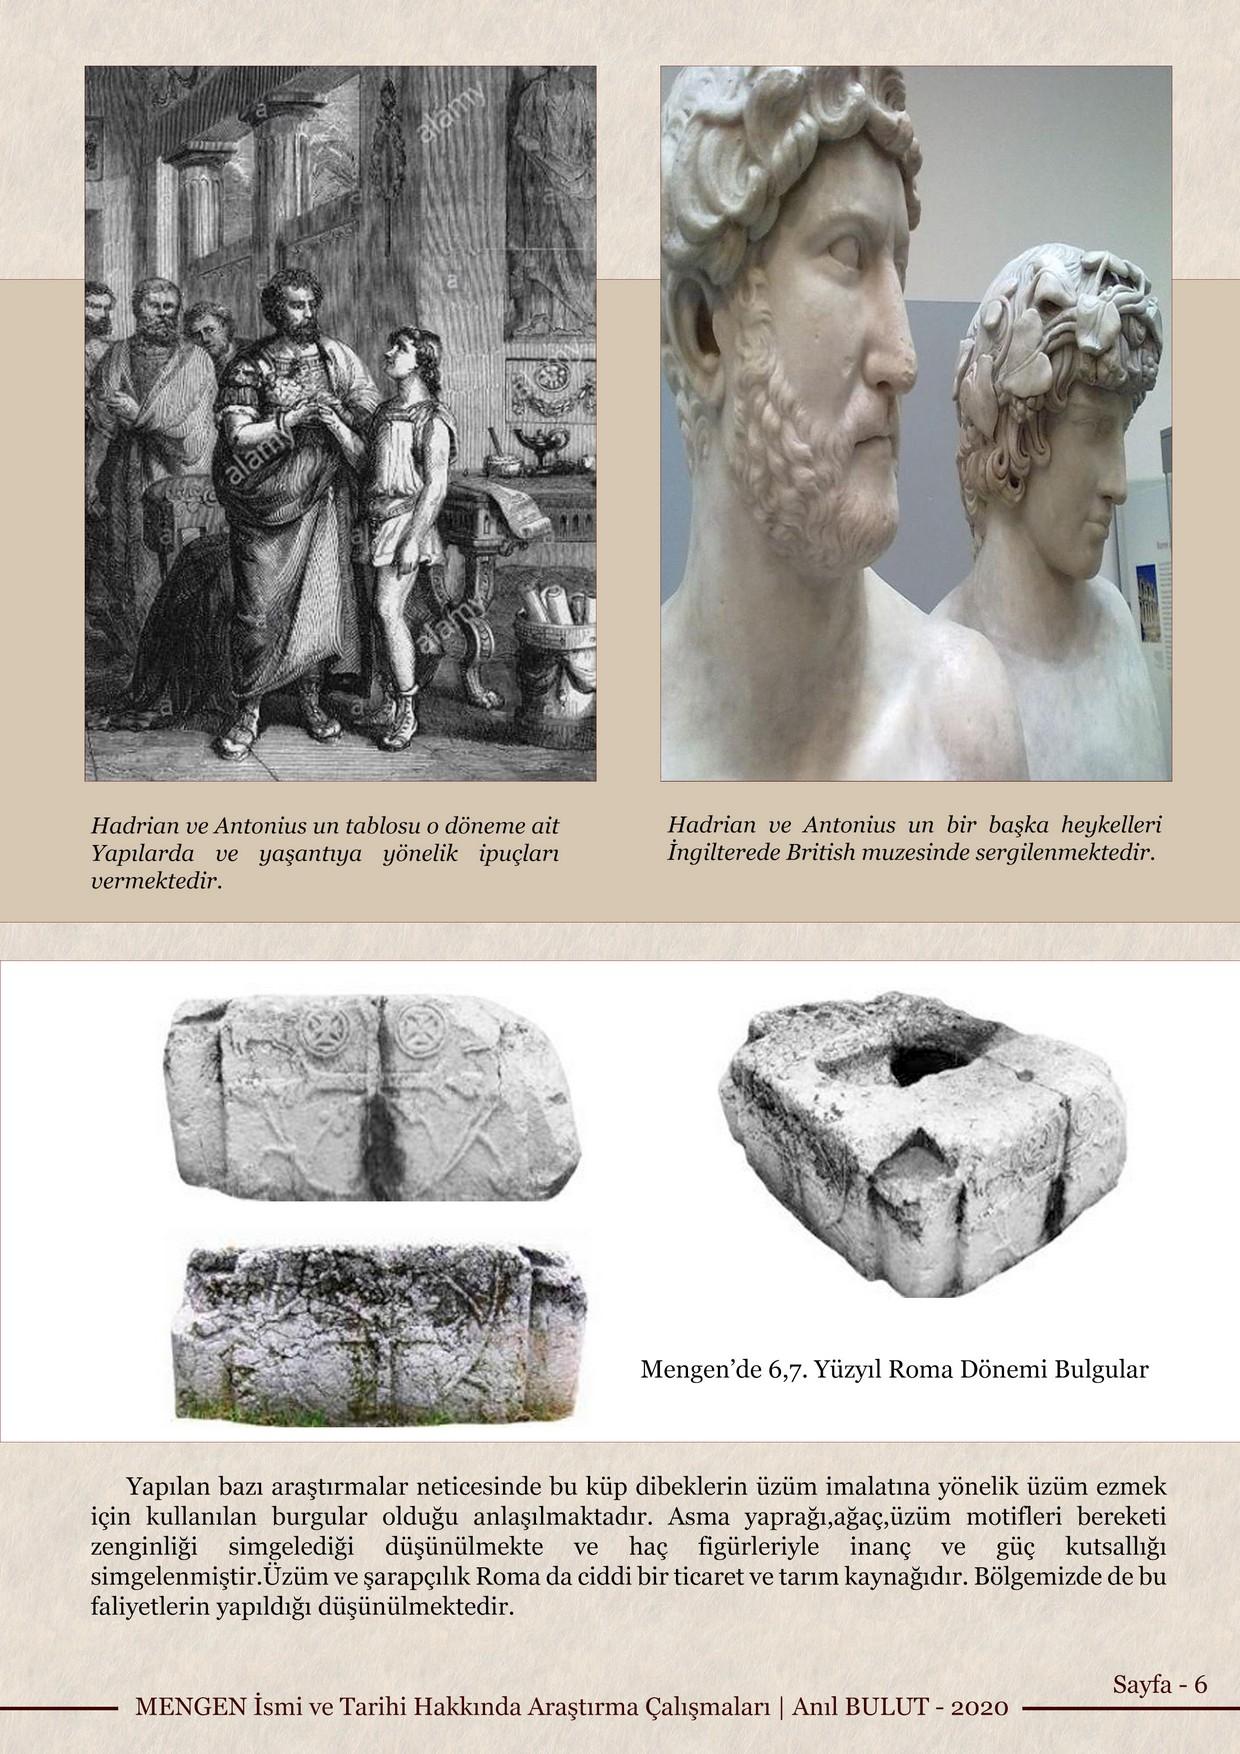 MENGEN İsmi ve Tarihi Hakkında Araştırma Çalışmaları